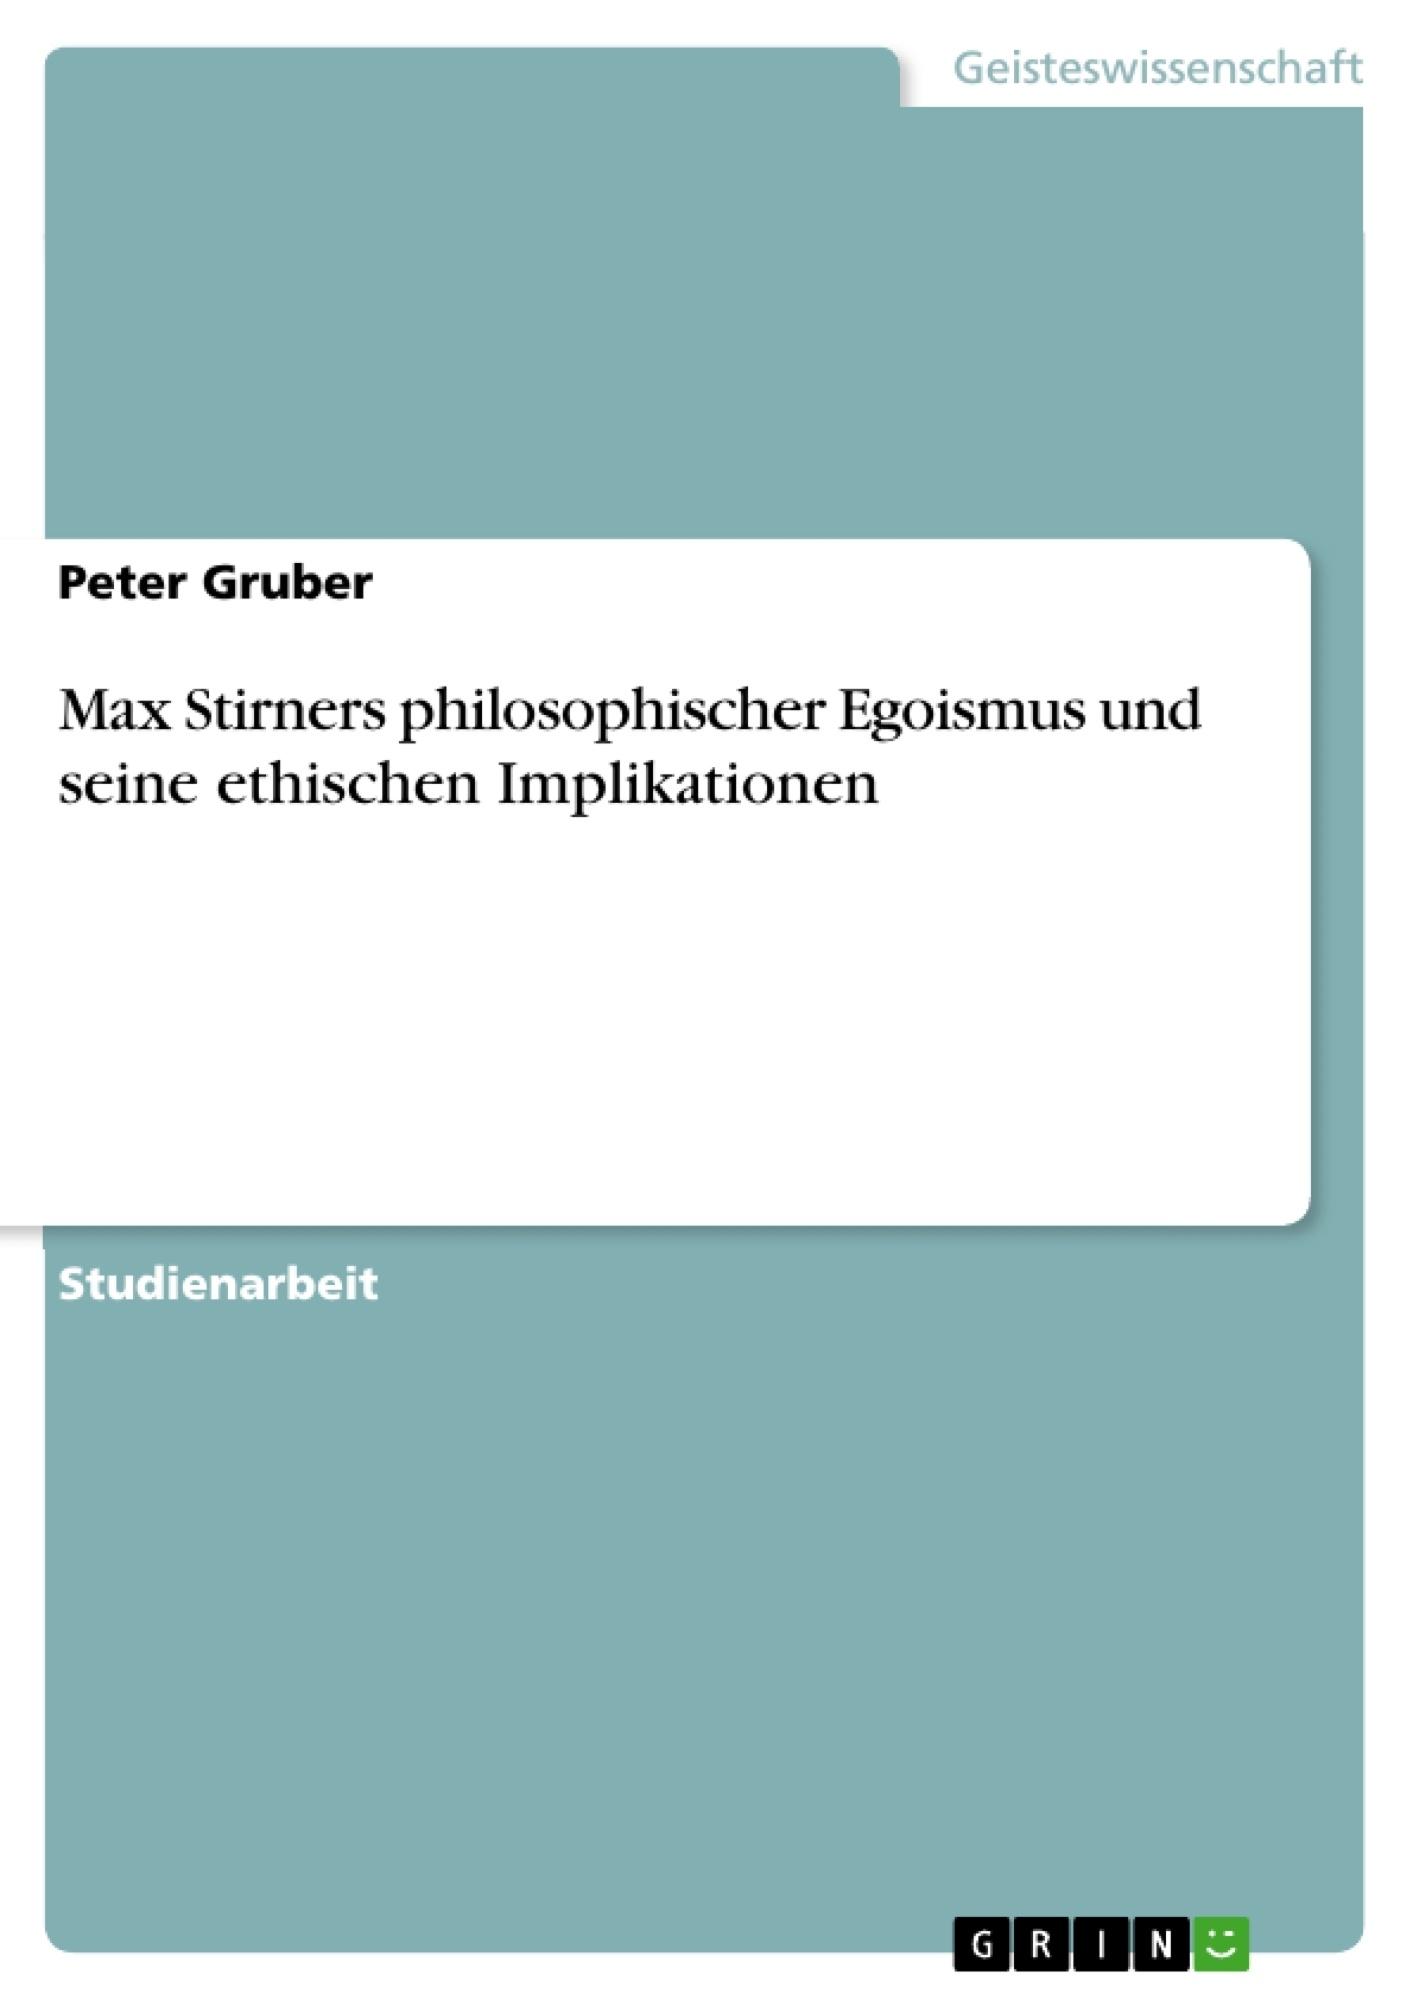 Titel: Max Stirners philosophischer Egoismus  und seine ethischen Implikationen